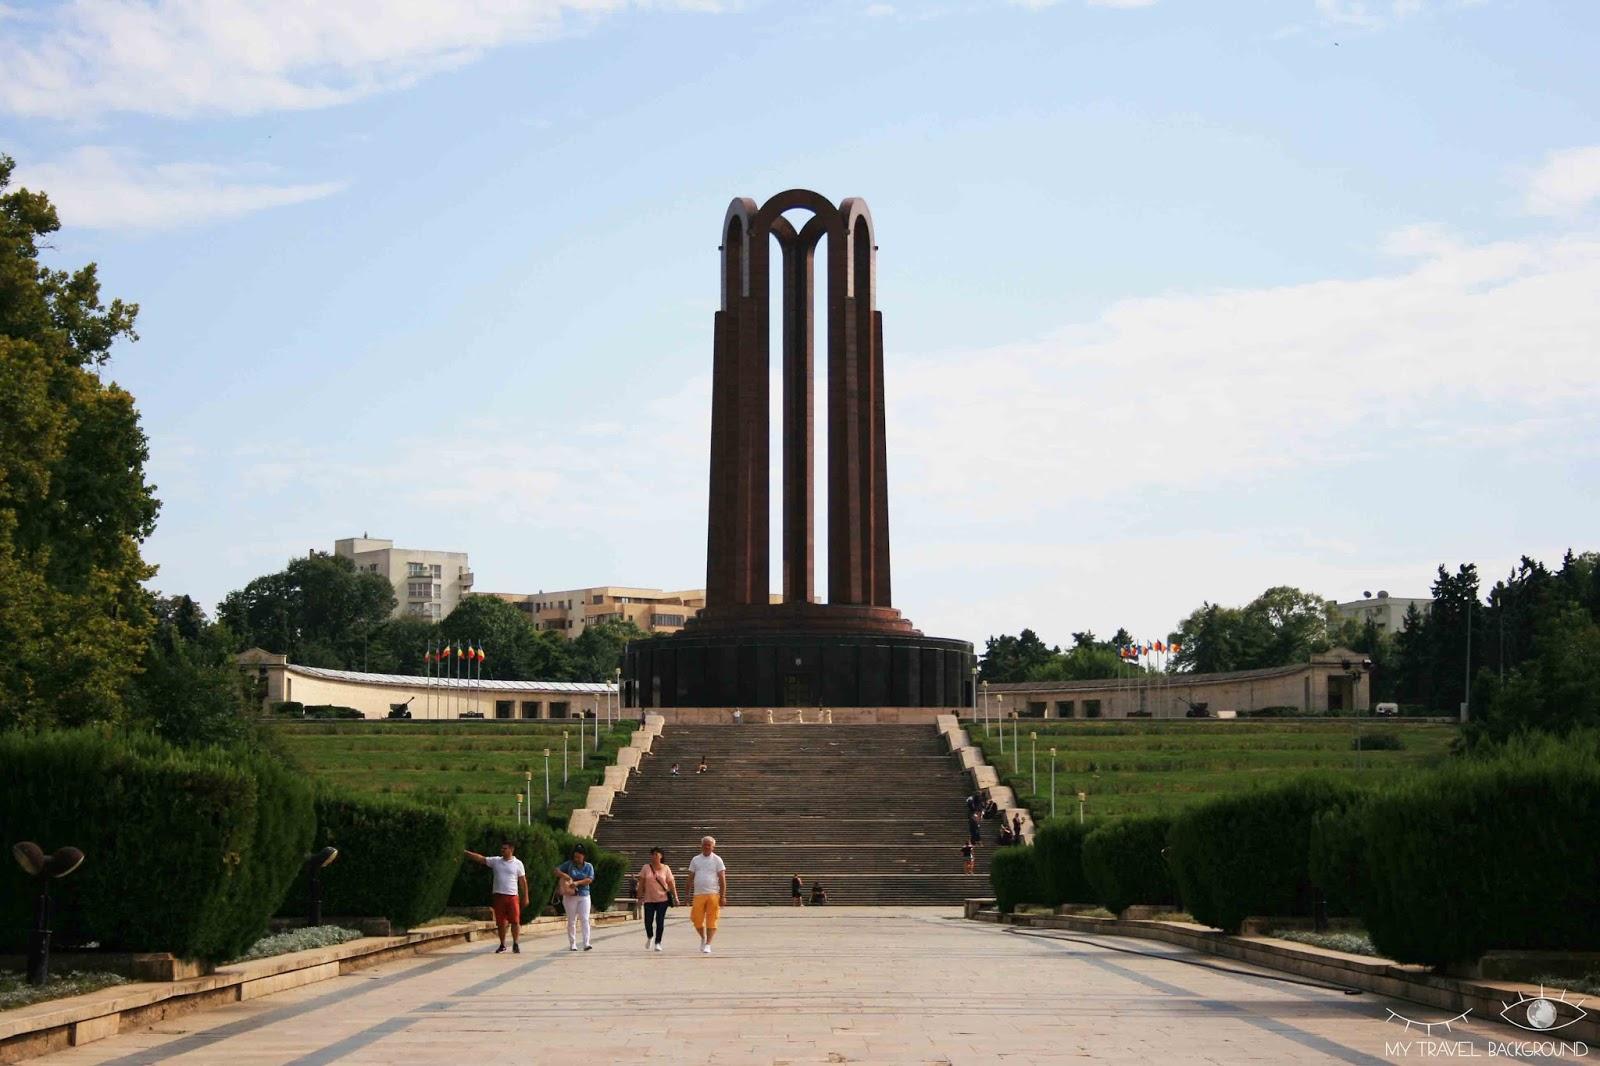 My Travel Background : cartes postales de Roumanie - Bucarest